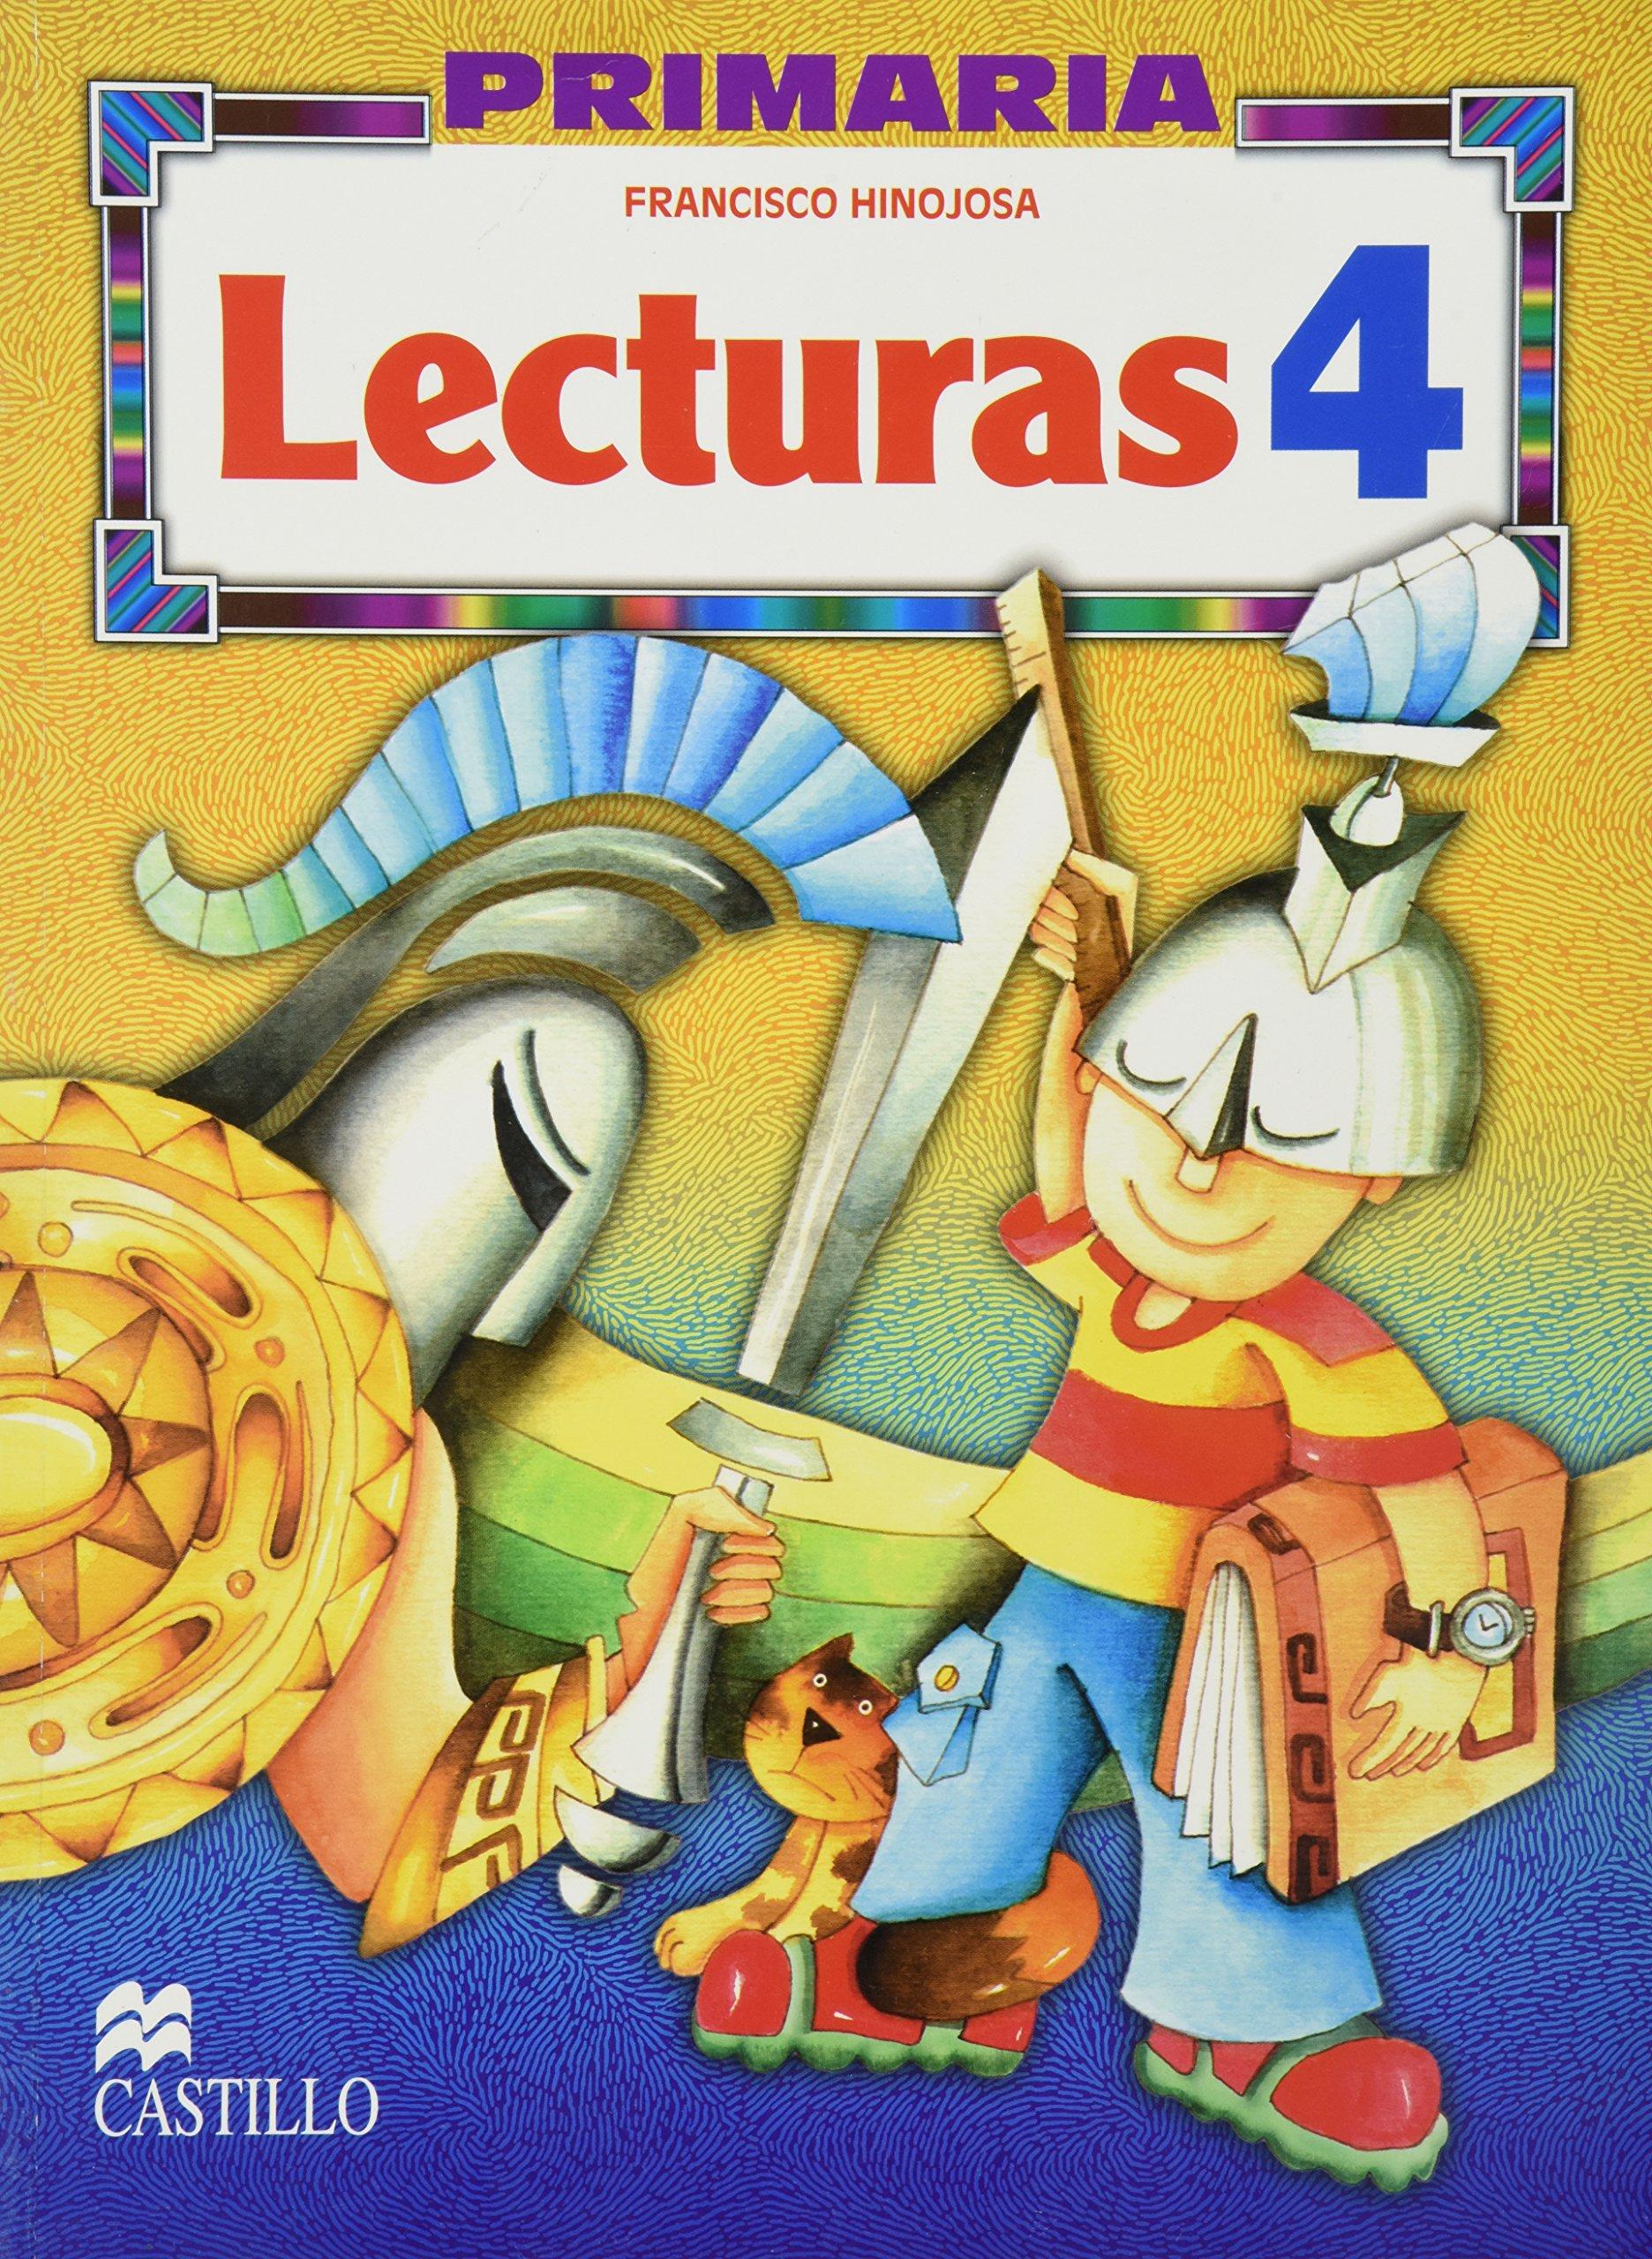 Lecturas 4 Cuarto Grado De Primaria: Francisco Hinojosa ...